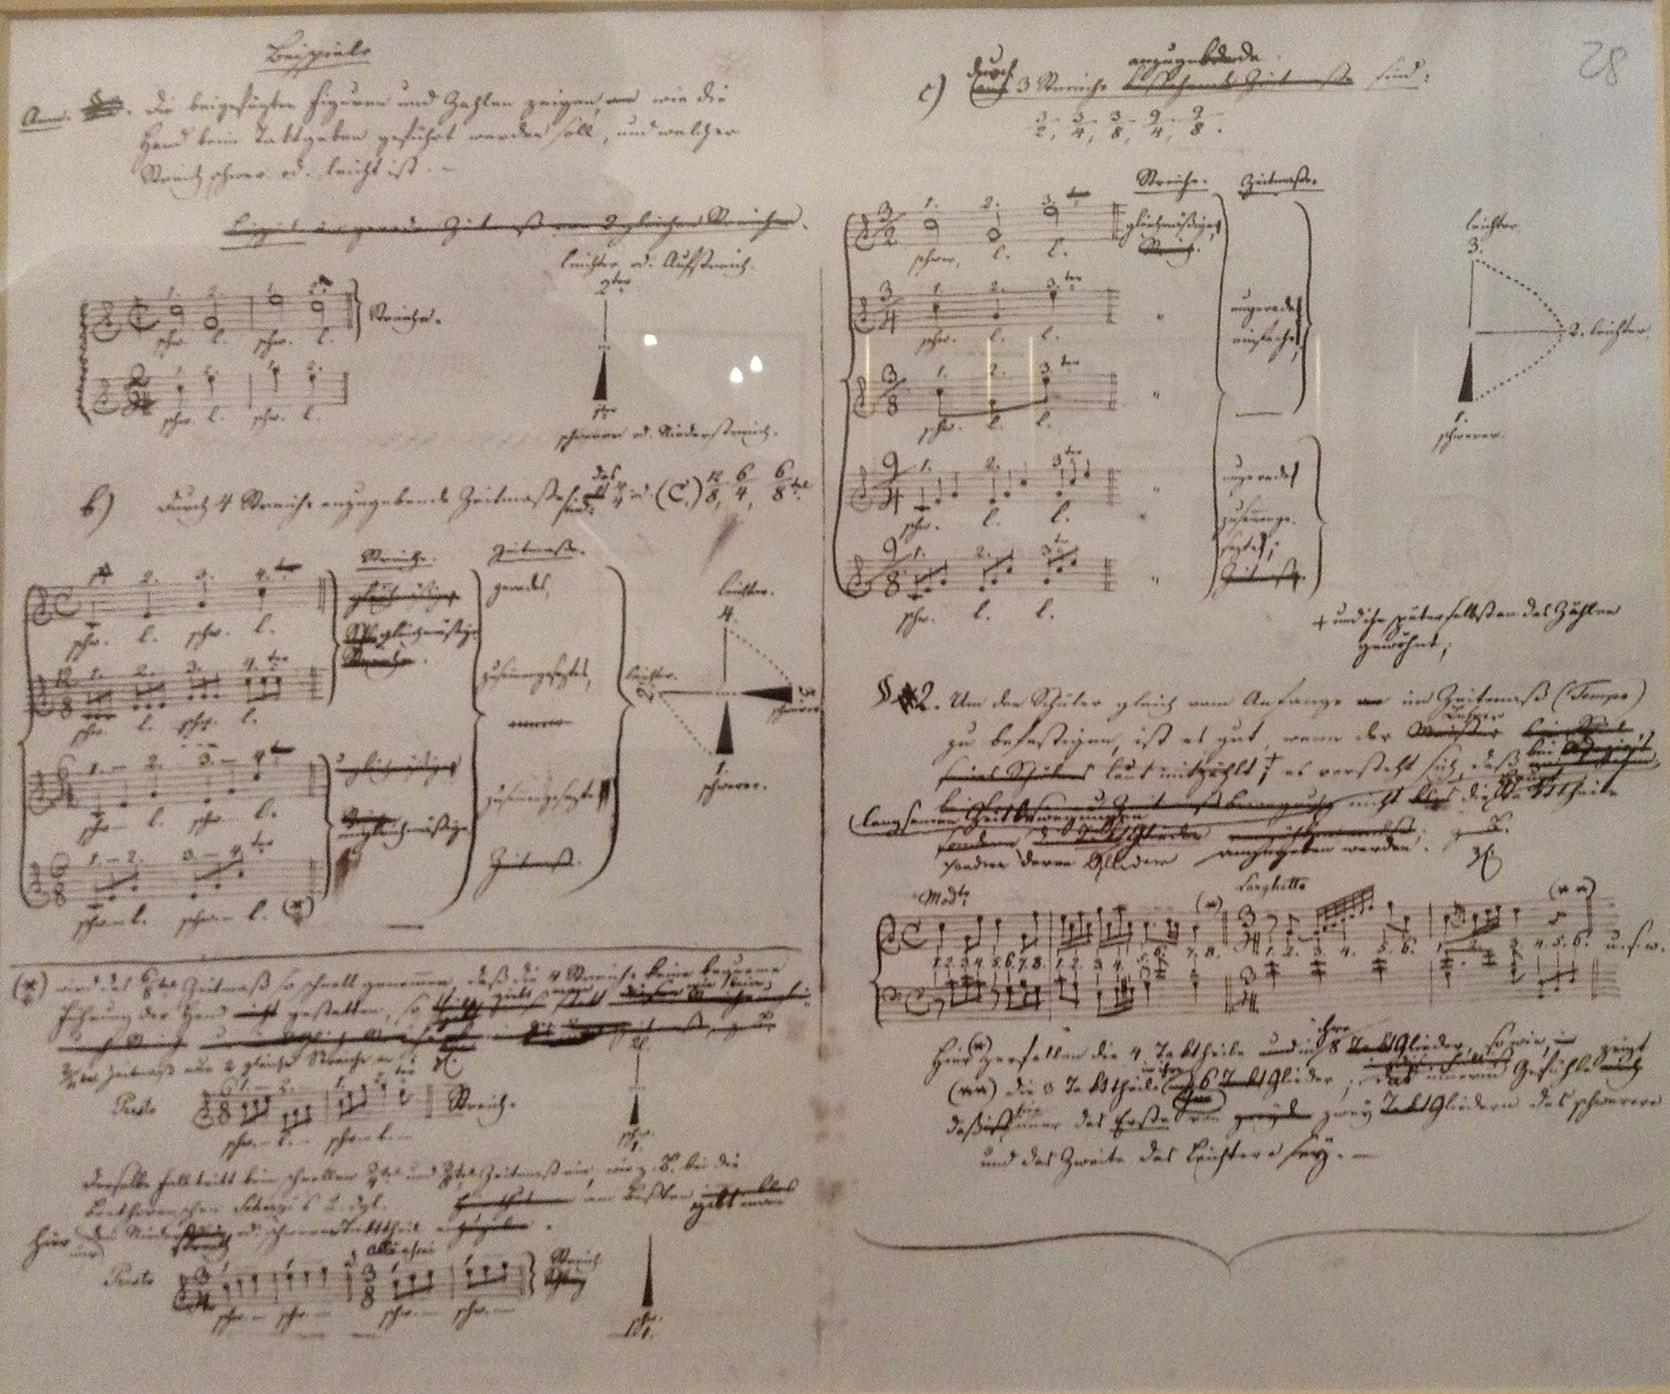 Автограф Иоганна Гуммеля